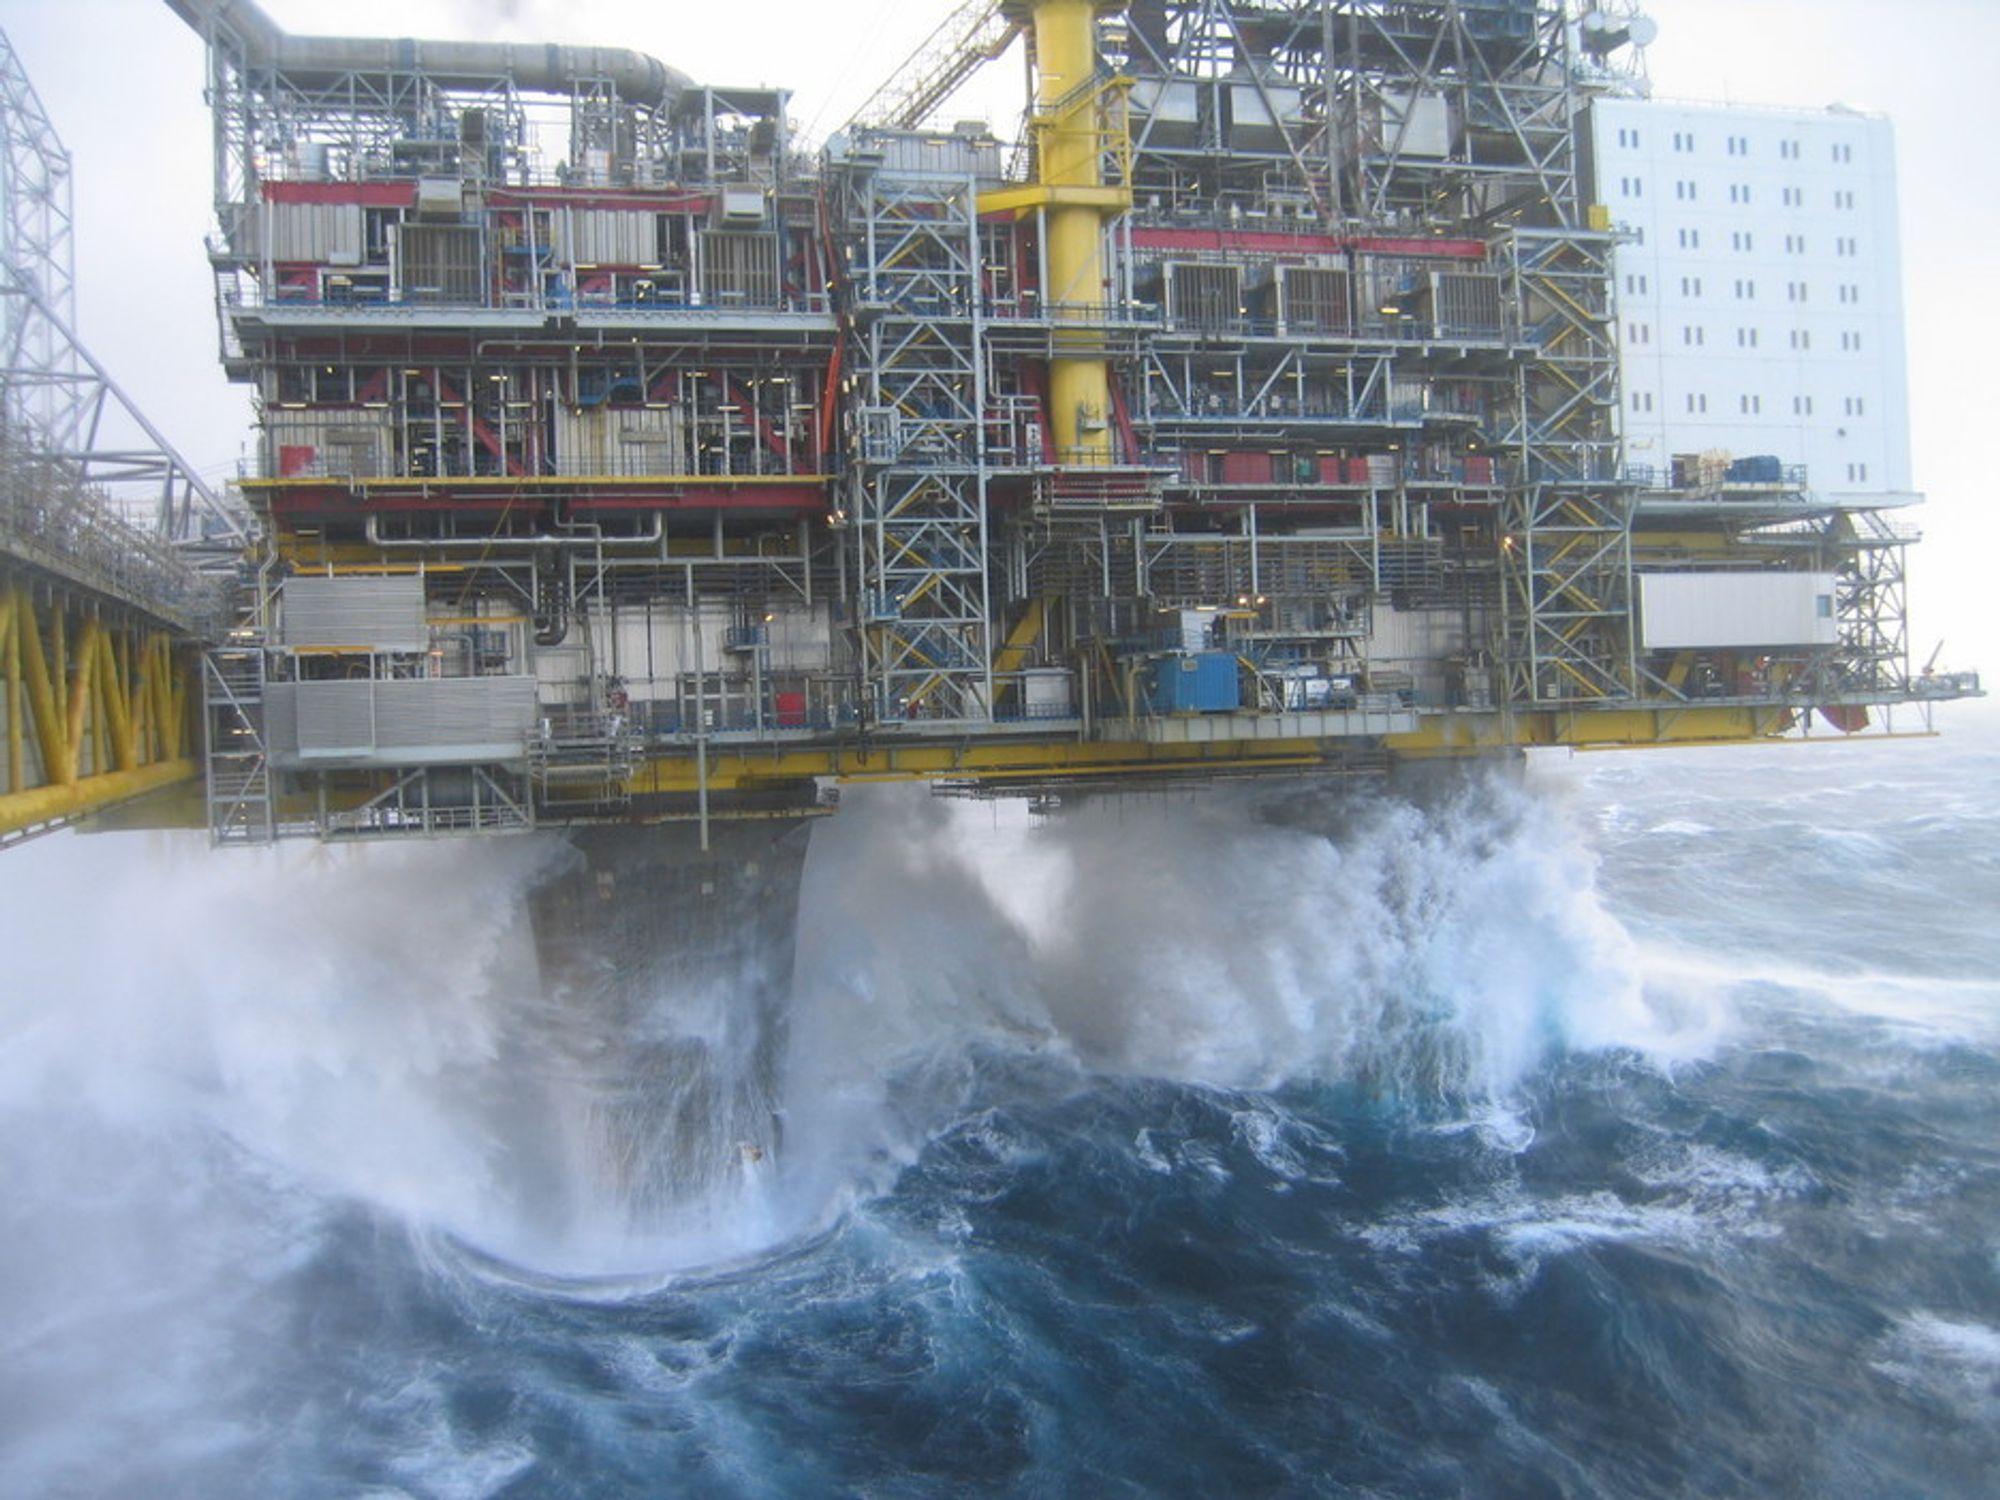 Storm og orkan i Nordsjøen i begynnelsen av november 2006: Oseberg A. Kjempebølger herjer og skader materiell på flere plattformer dette døgnet. Samme døgn gikk et skip rundt i Østersjøen, mens fergetrafikken i Norden ble til dels satt ut av spill. På Hydro-plattformen tok en av Hydros ansatte disse bildene.